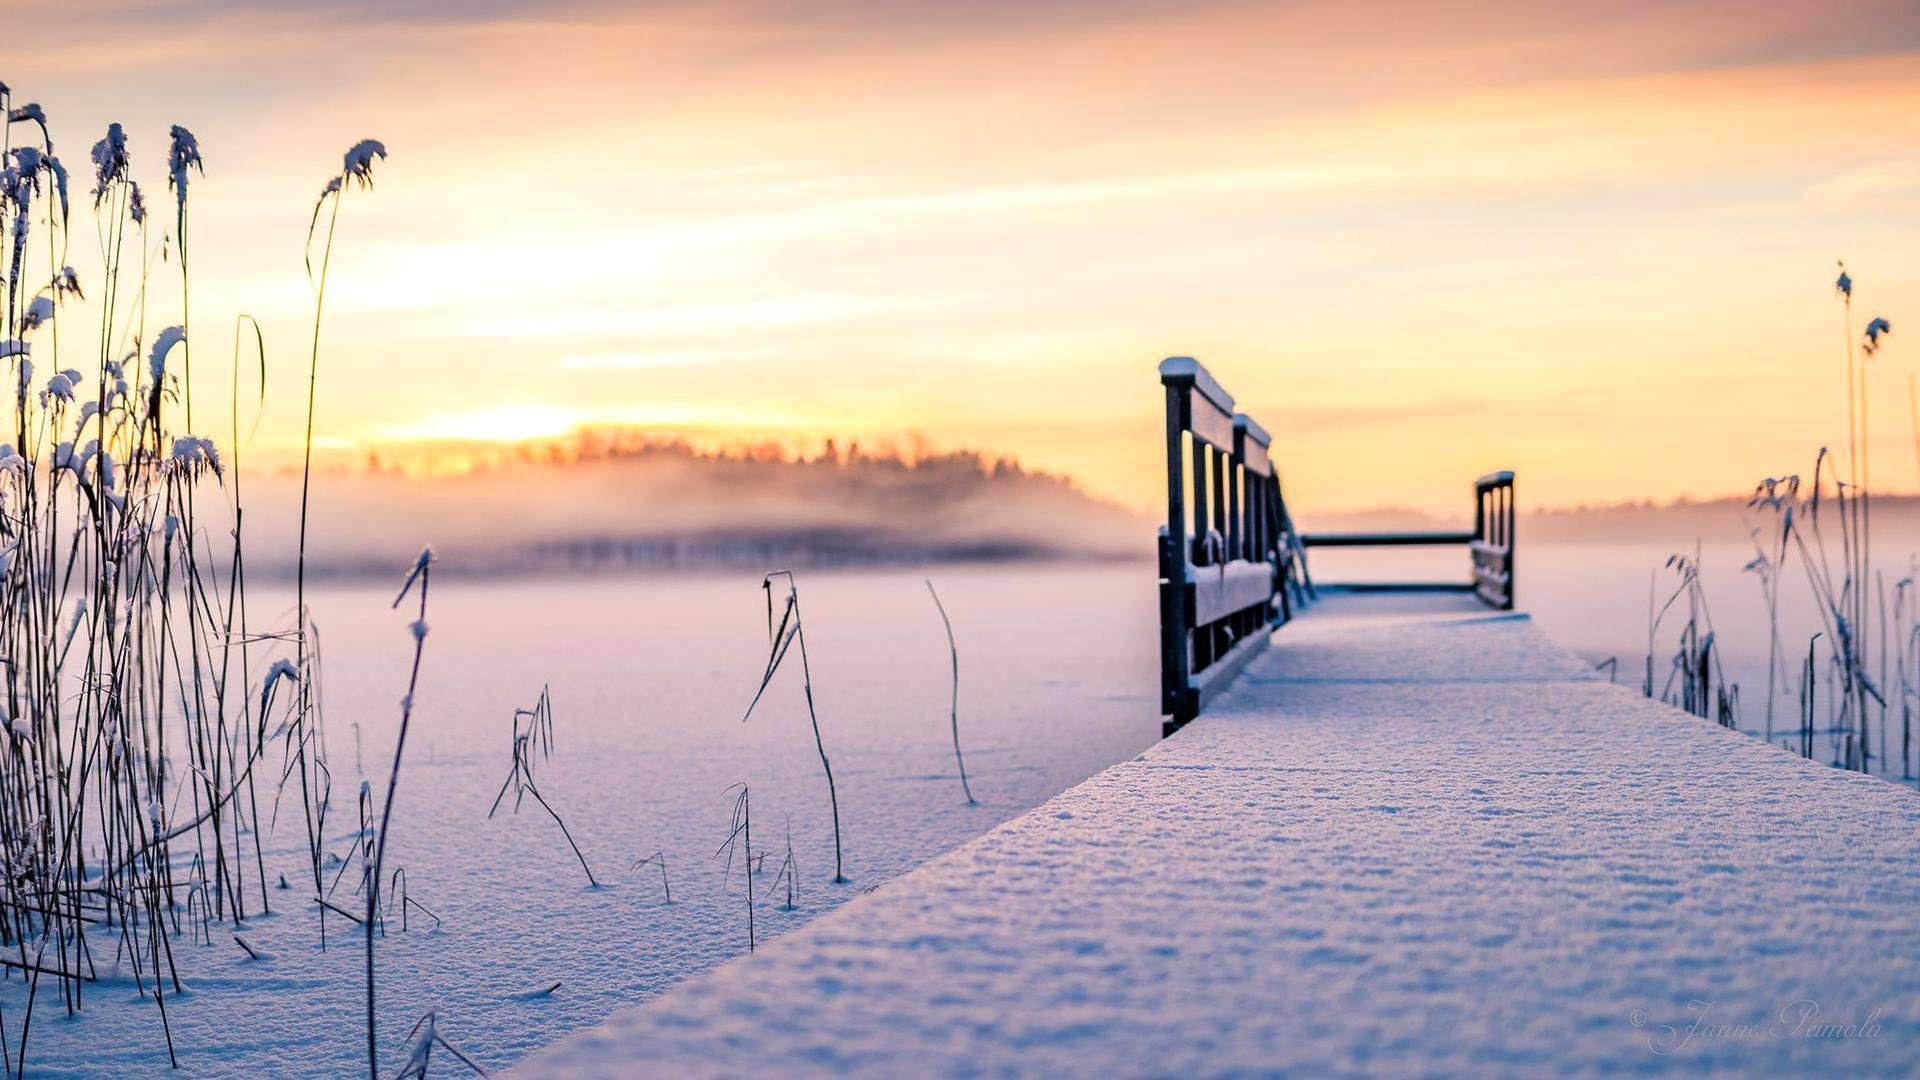 Tänään on ollut mitä parhain sää kuvata suomalaista talvimaisemaa. Lohjalainen Janne Peimola sai epäonnensa ansiosta upean kuvan.